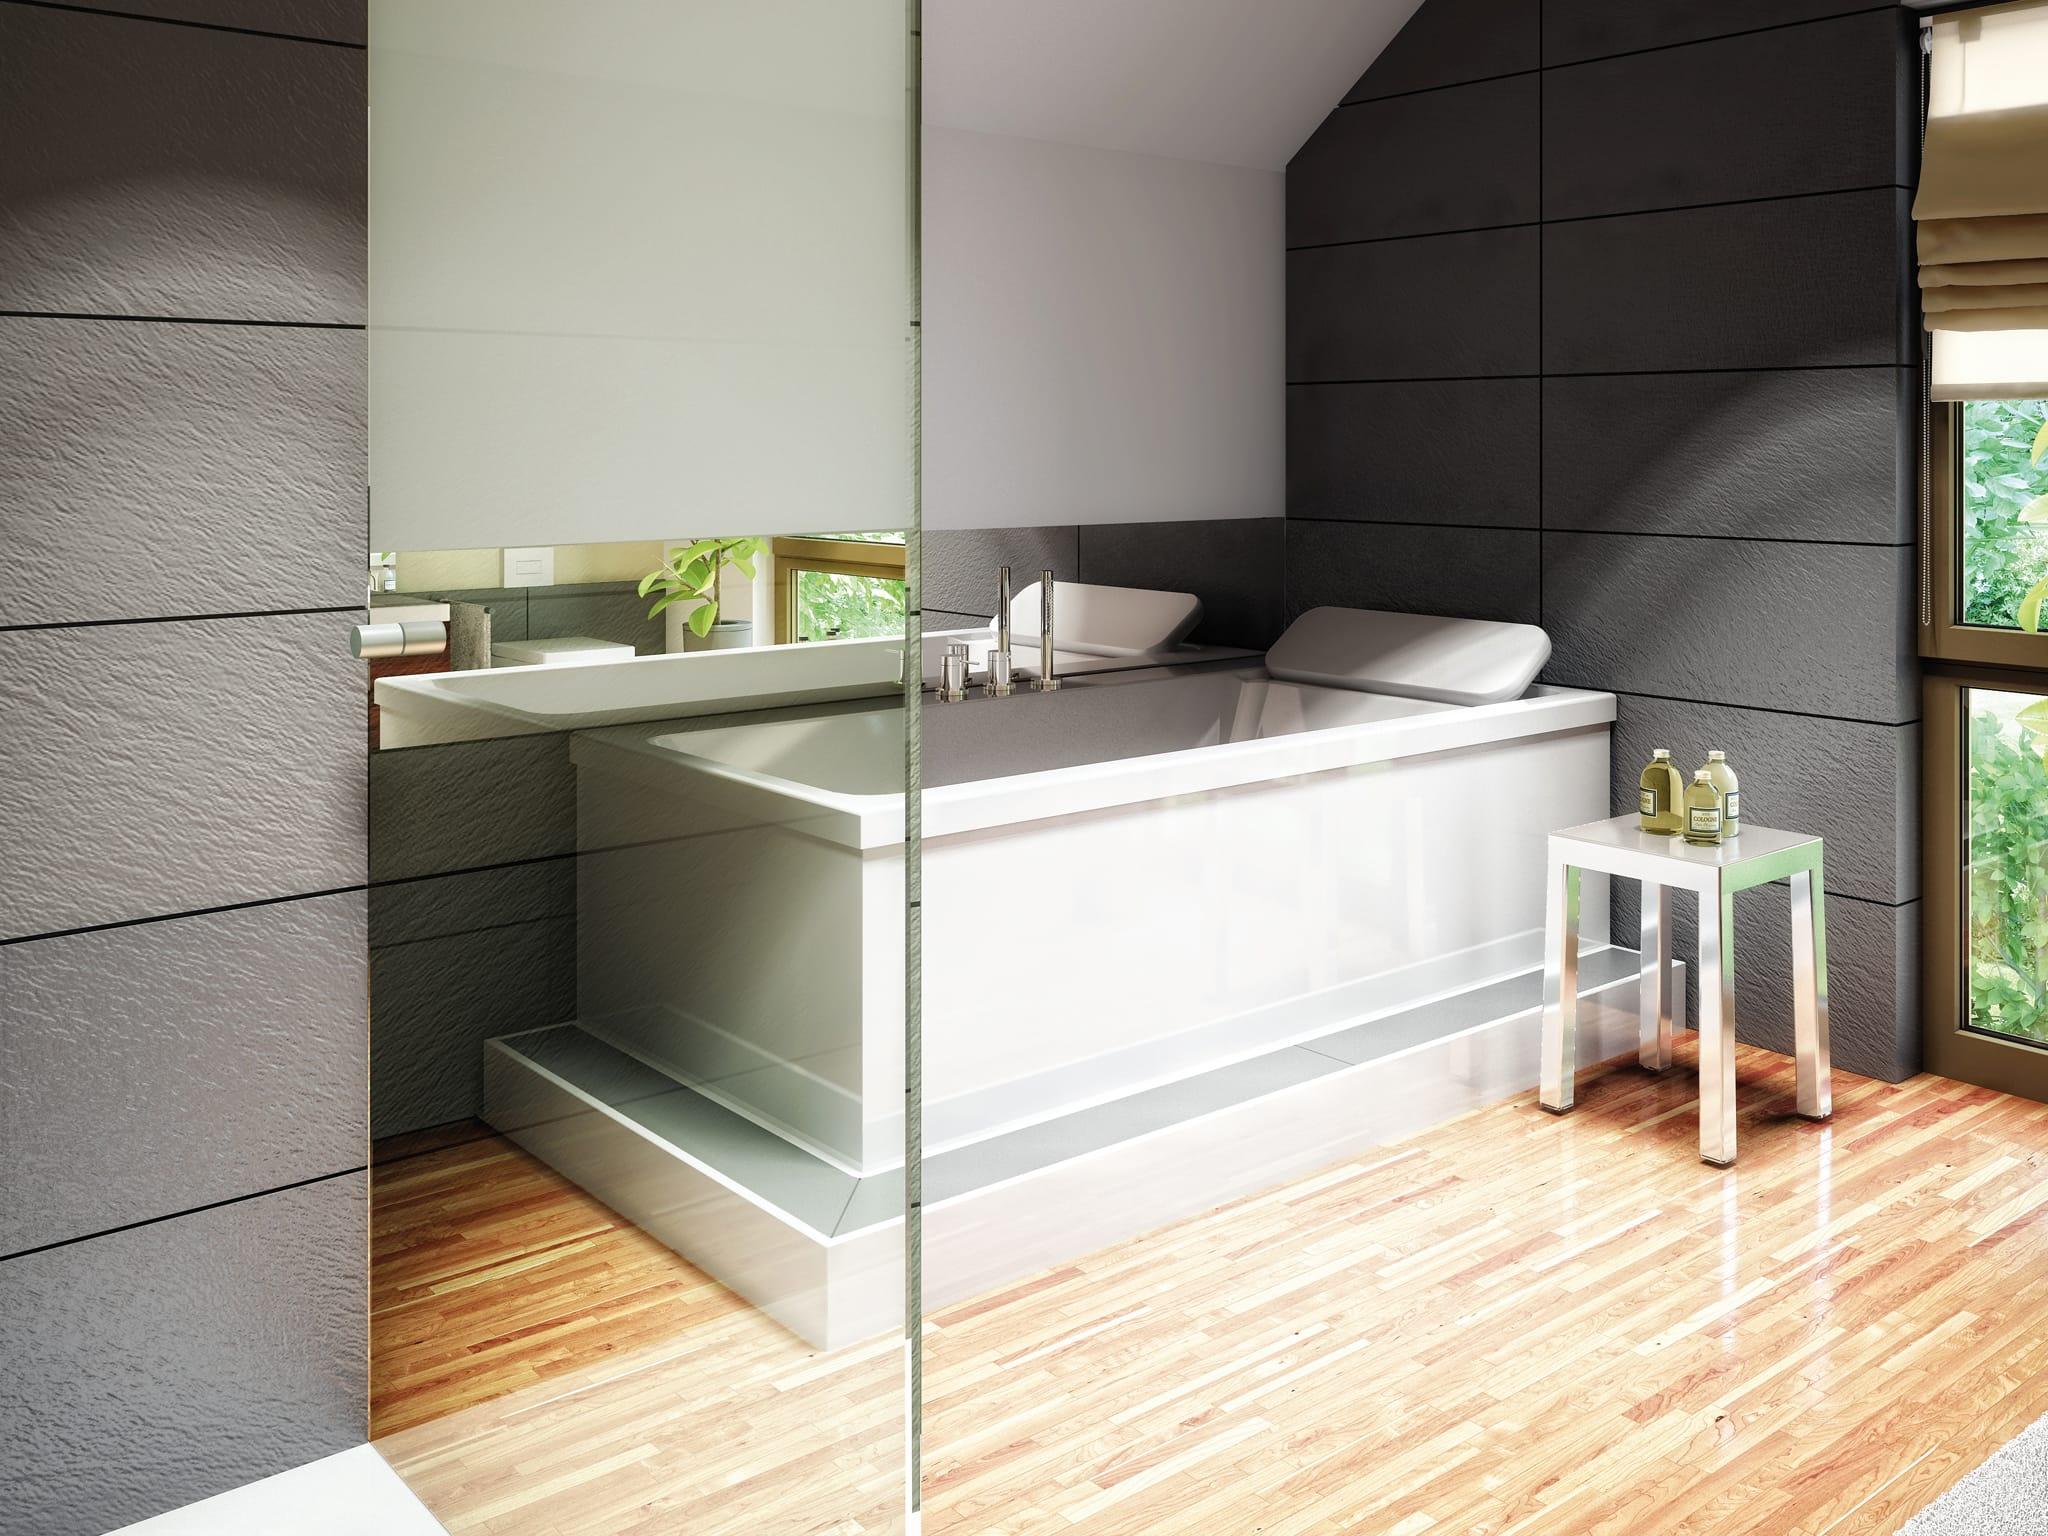 Badezimmer modern mit Dachschräge & Fliesen in Holzoptik - Wohnideen Fertighaus Living Haus SUNSHINE 136 V4 - HausbauDirekt.de